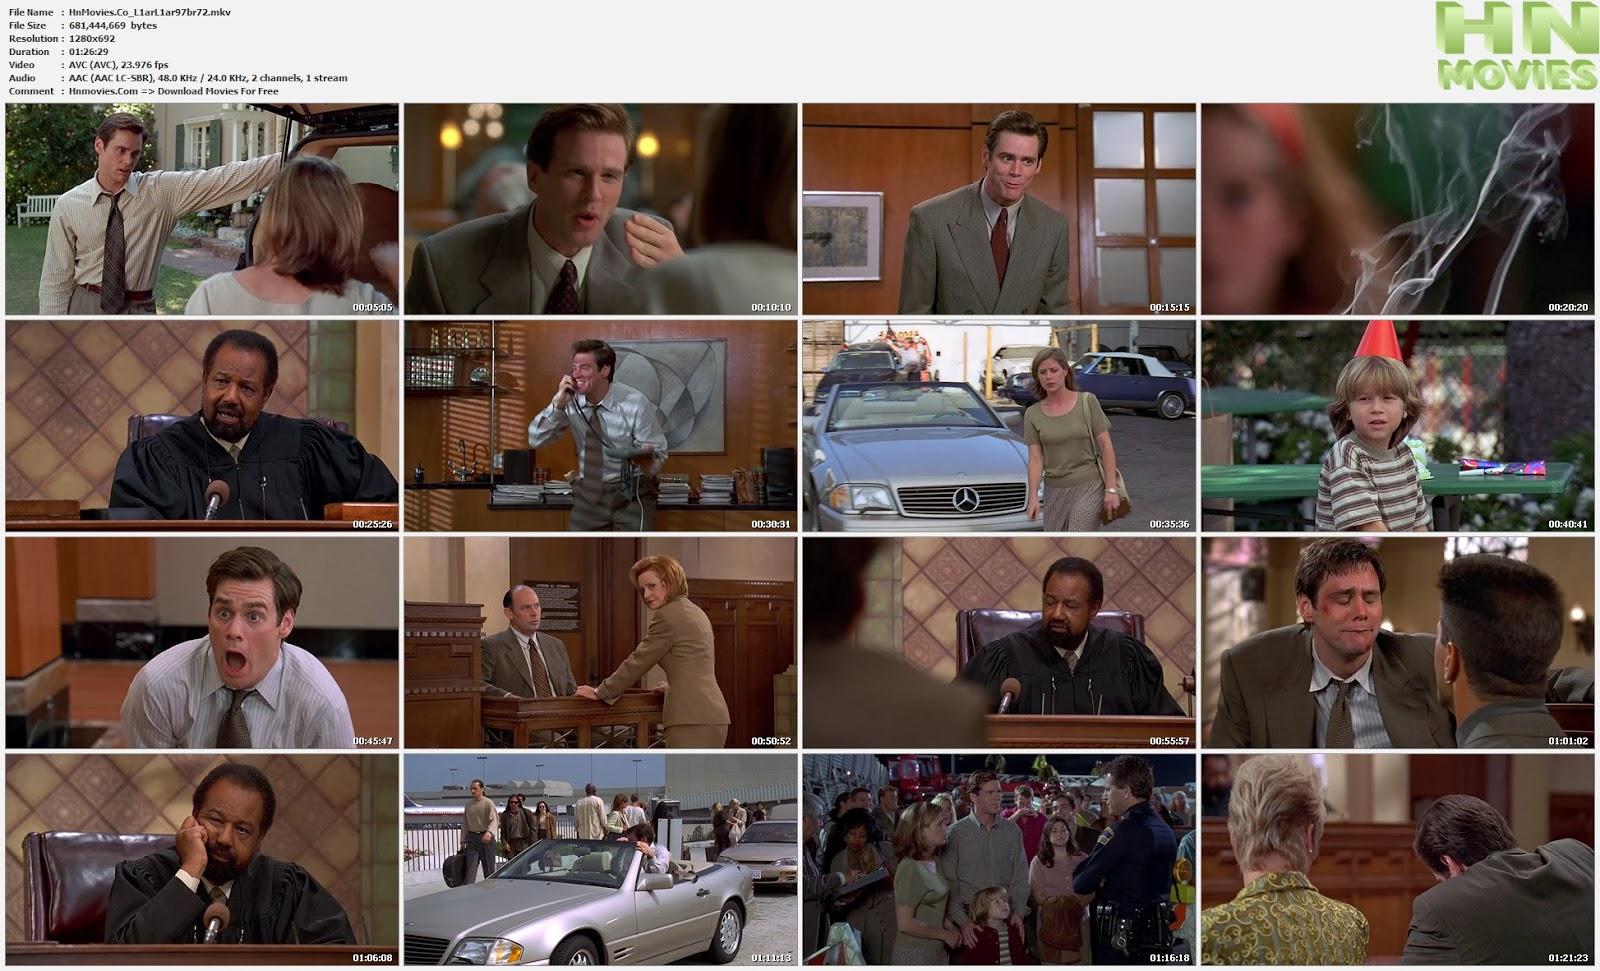 movie screenshot of Liar Liar fdmovie.com